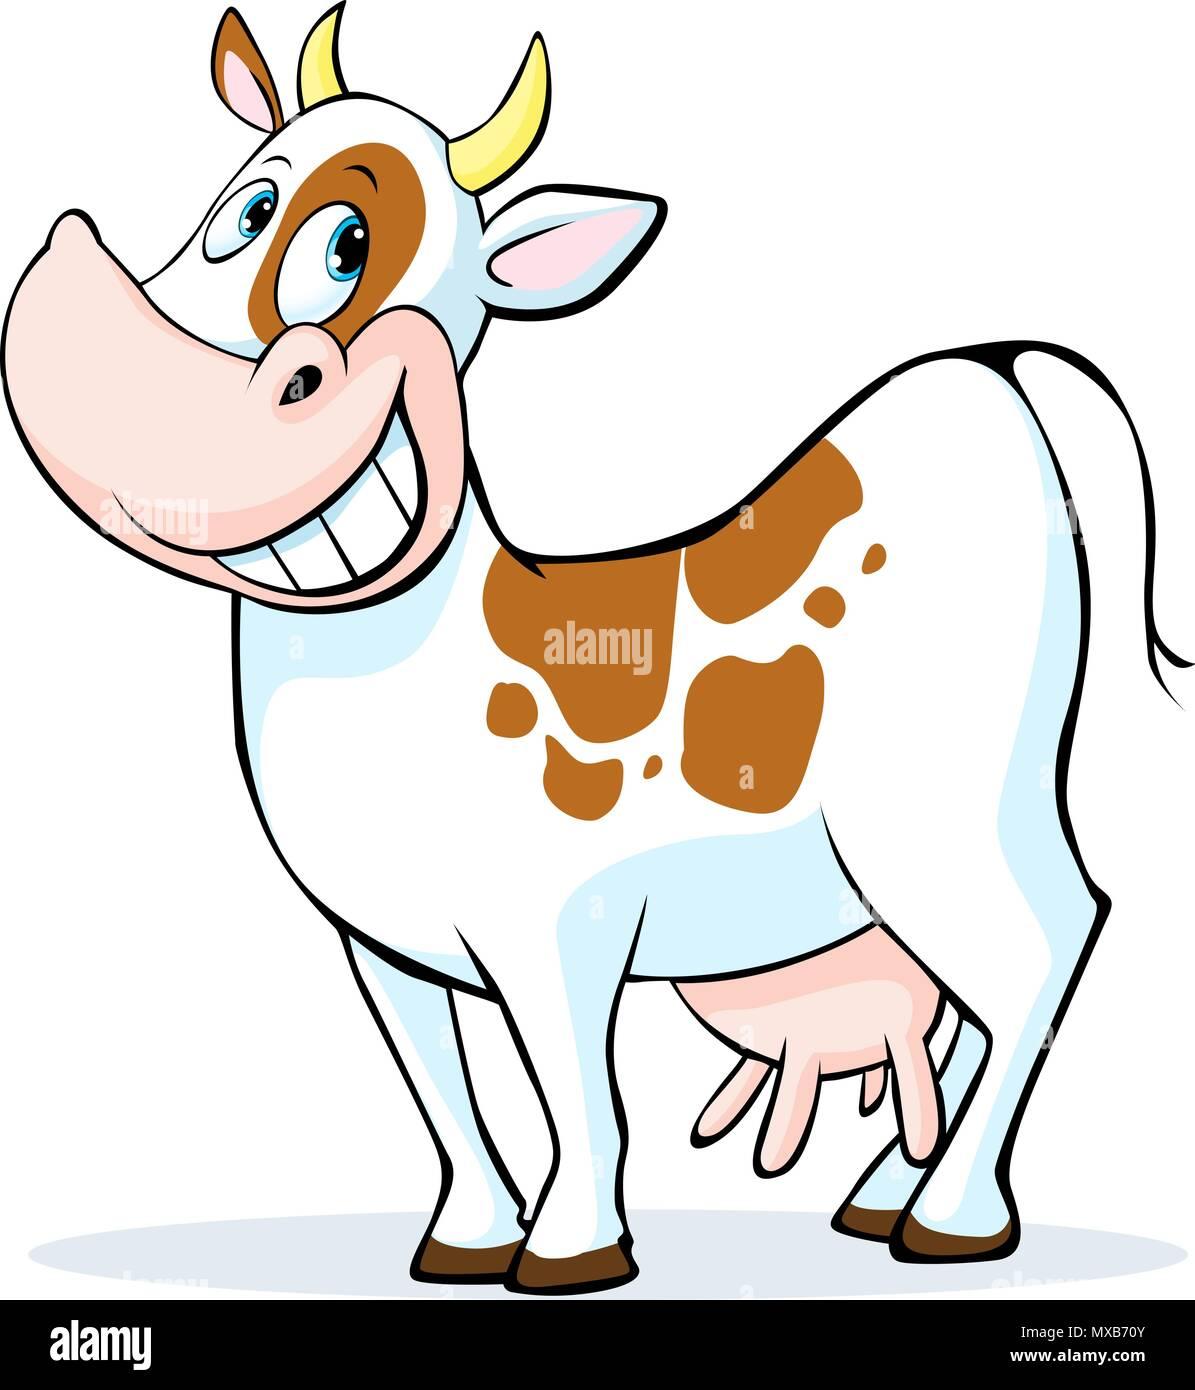 Lustige Kuh Cartoon auf weißem Hintergrund - Vector